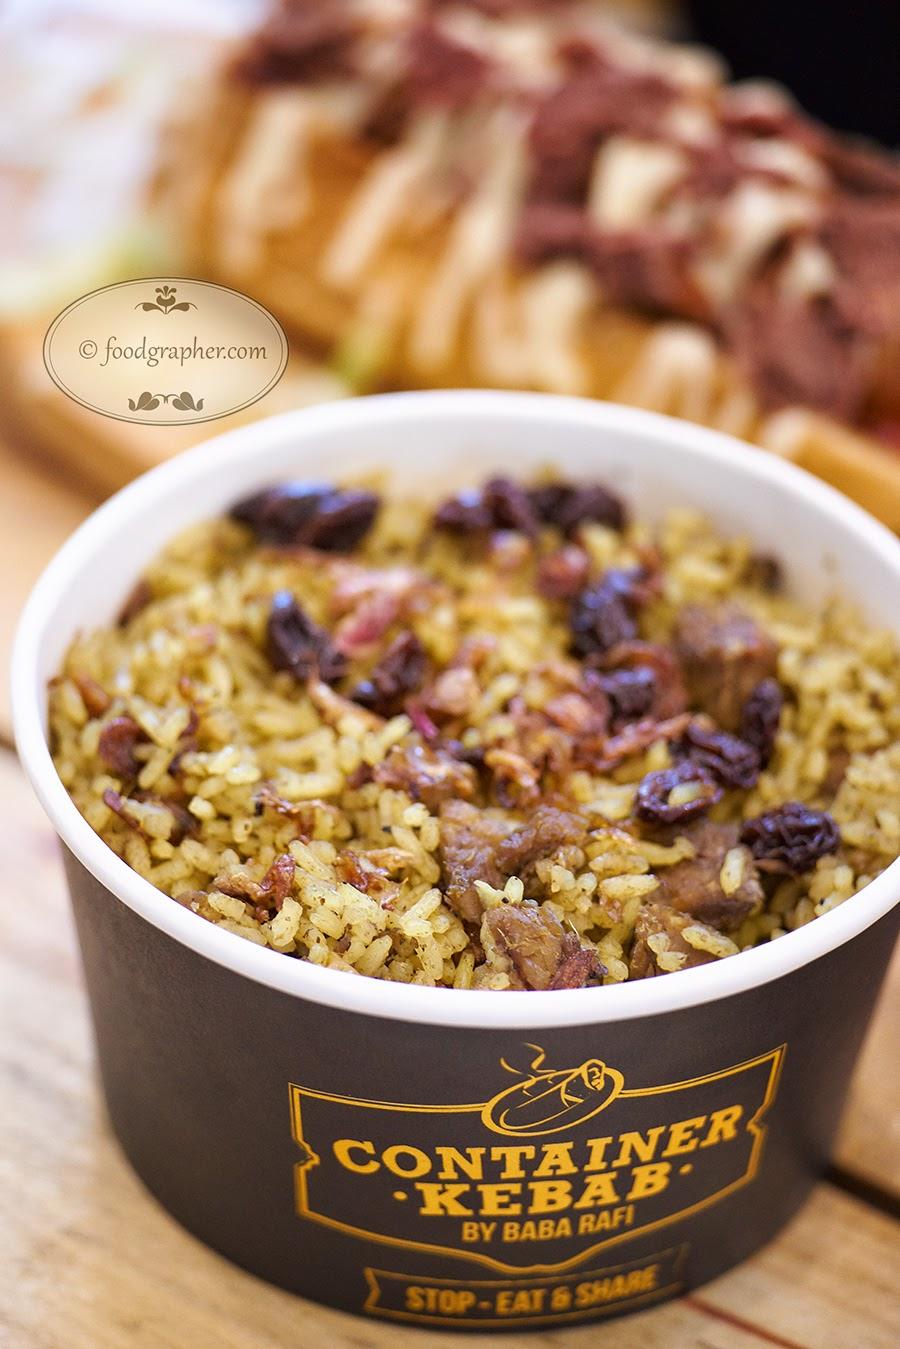 Baba Rafi Frozen Kebab Beef Daftar Harga Terbaru Dan Terlengkap Shrimp Roll Babarafi From Indonesia